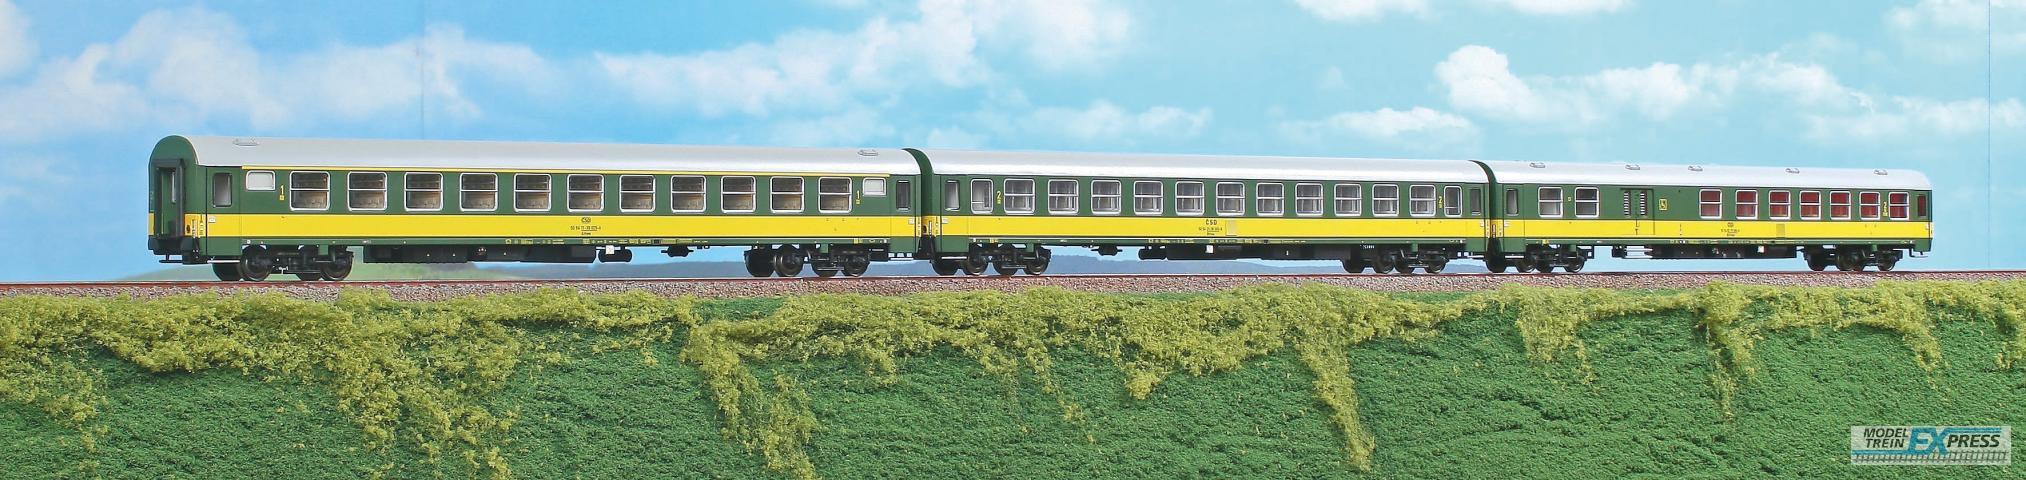 ACME 55118